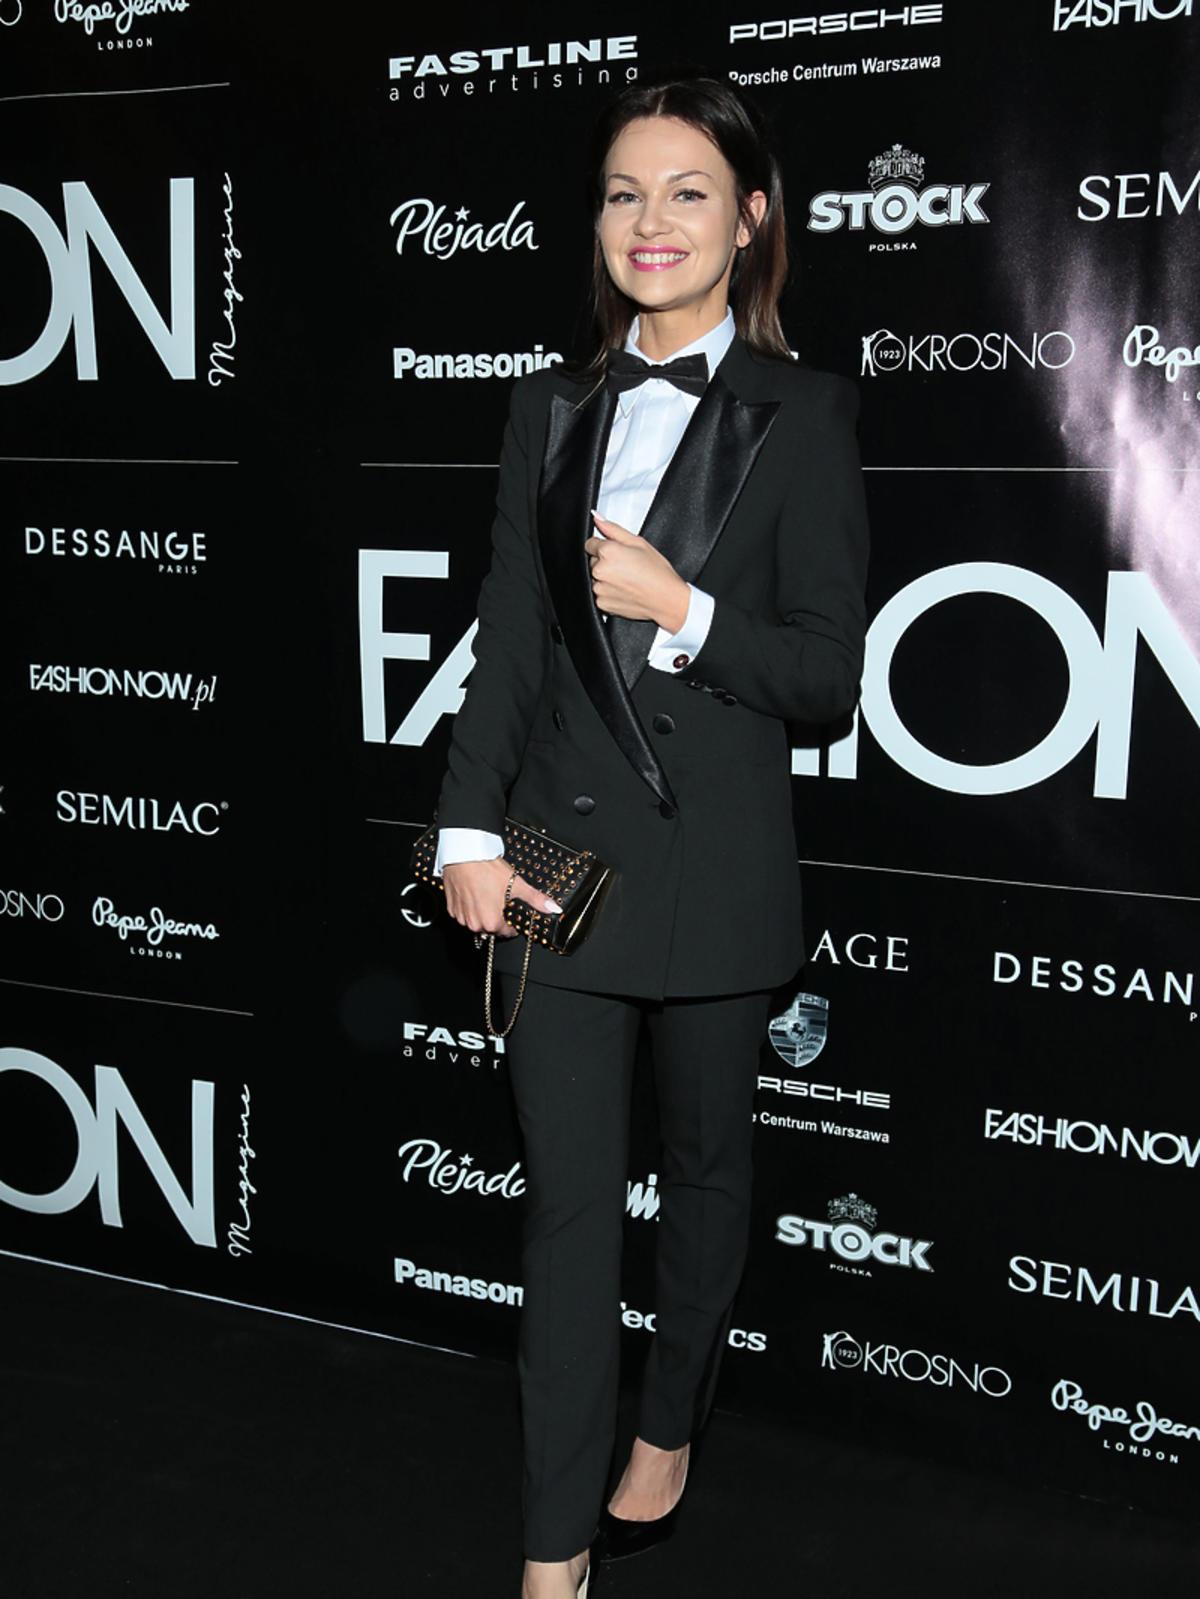 Ania Chęczkiewicz na rozdaniu nagród Fashion Magazine